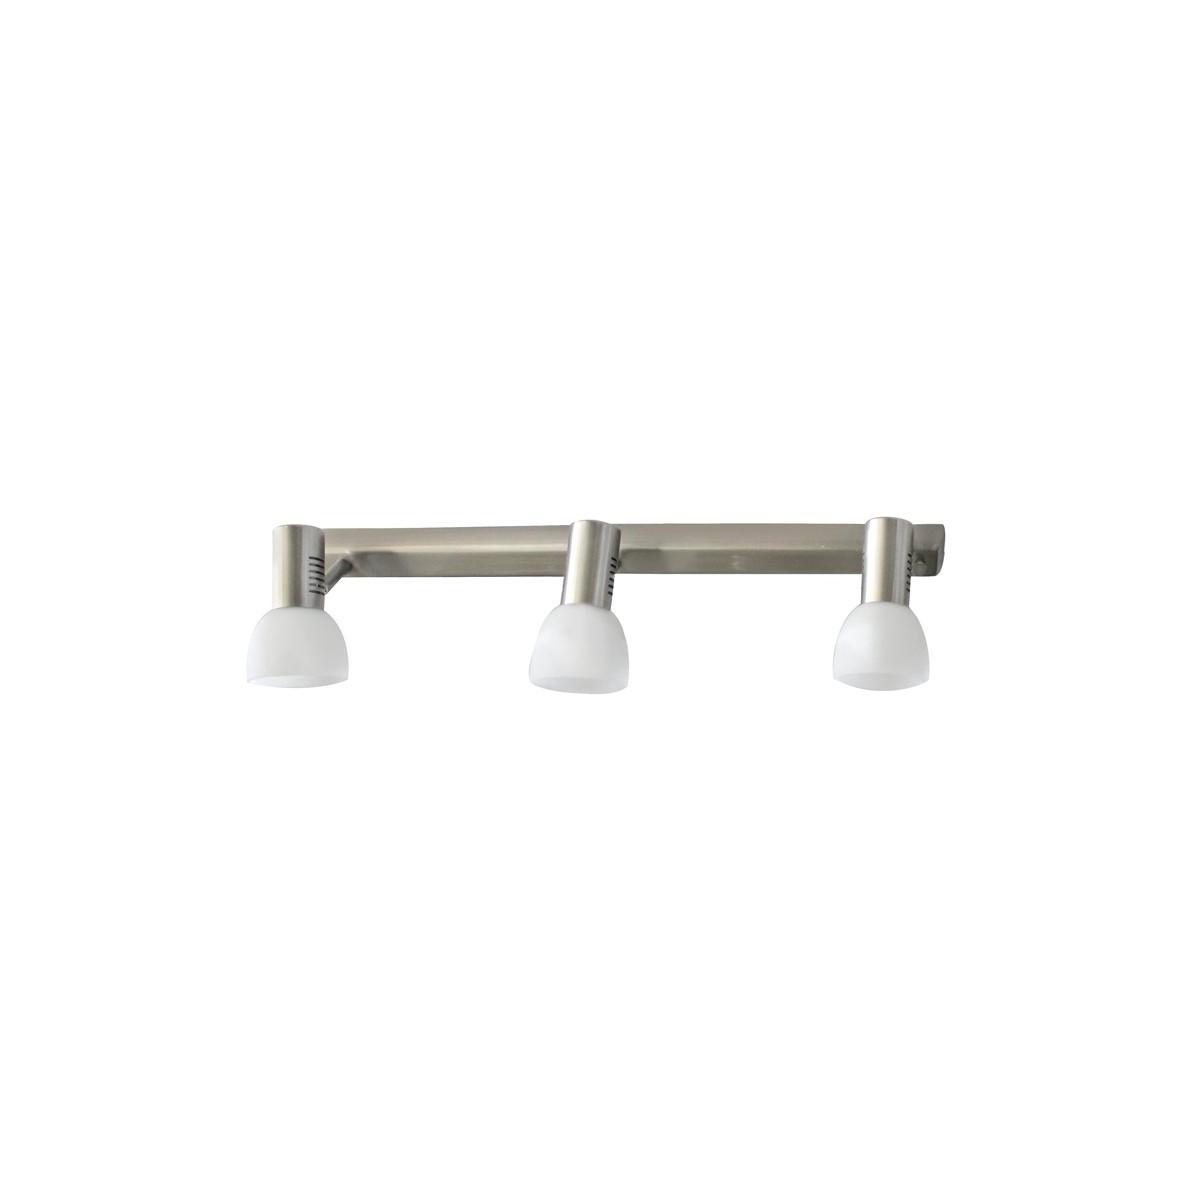 Vetro 3 Spotlight Ceiling Bar – Nickel